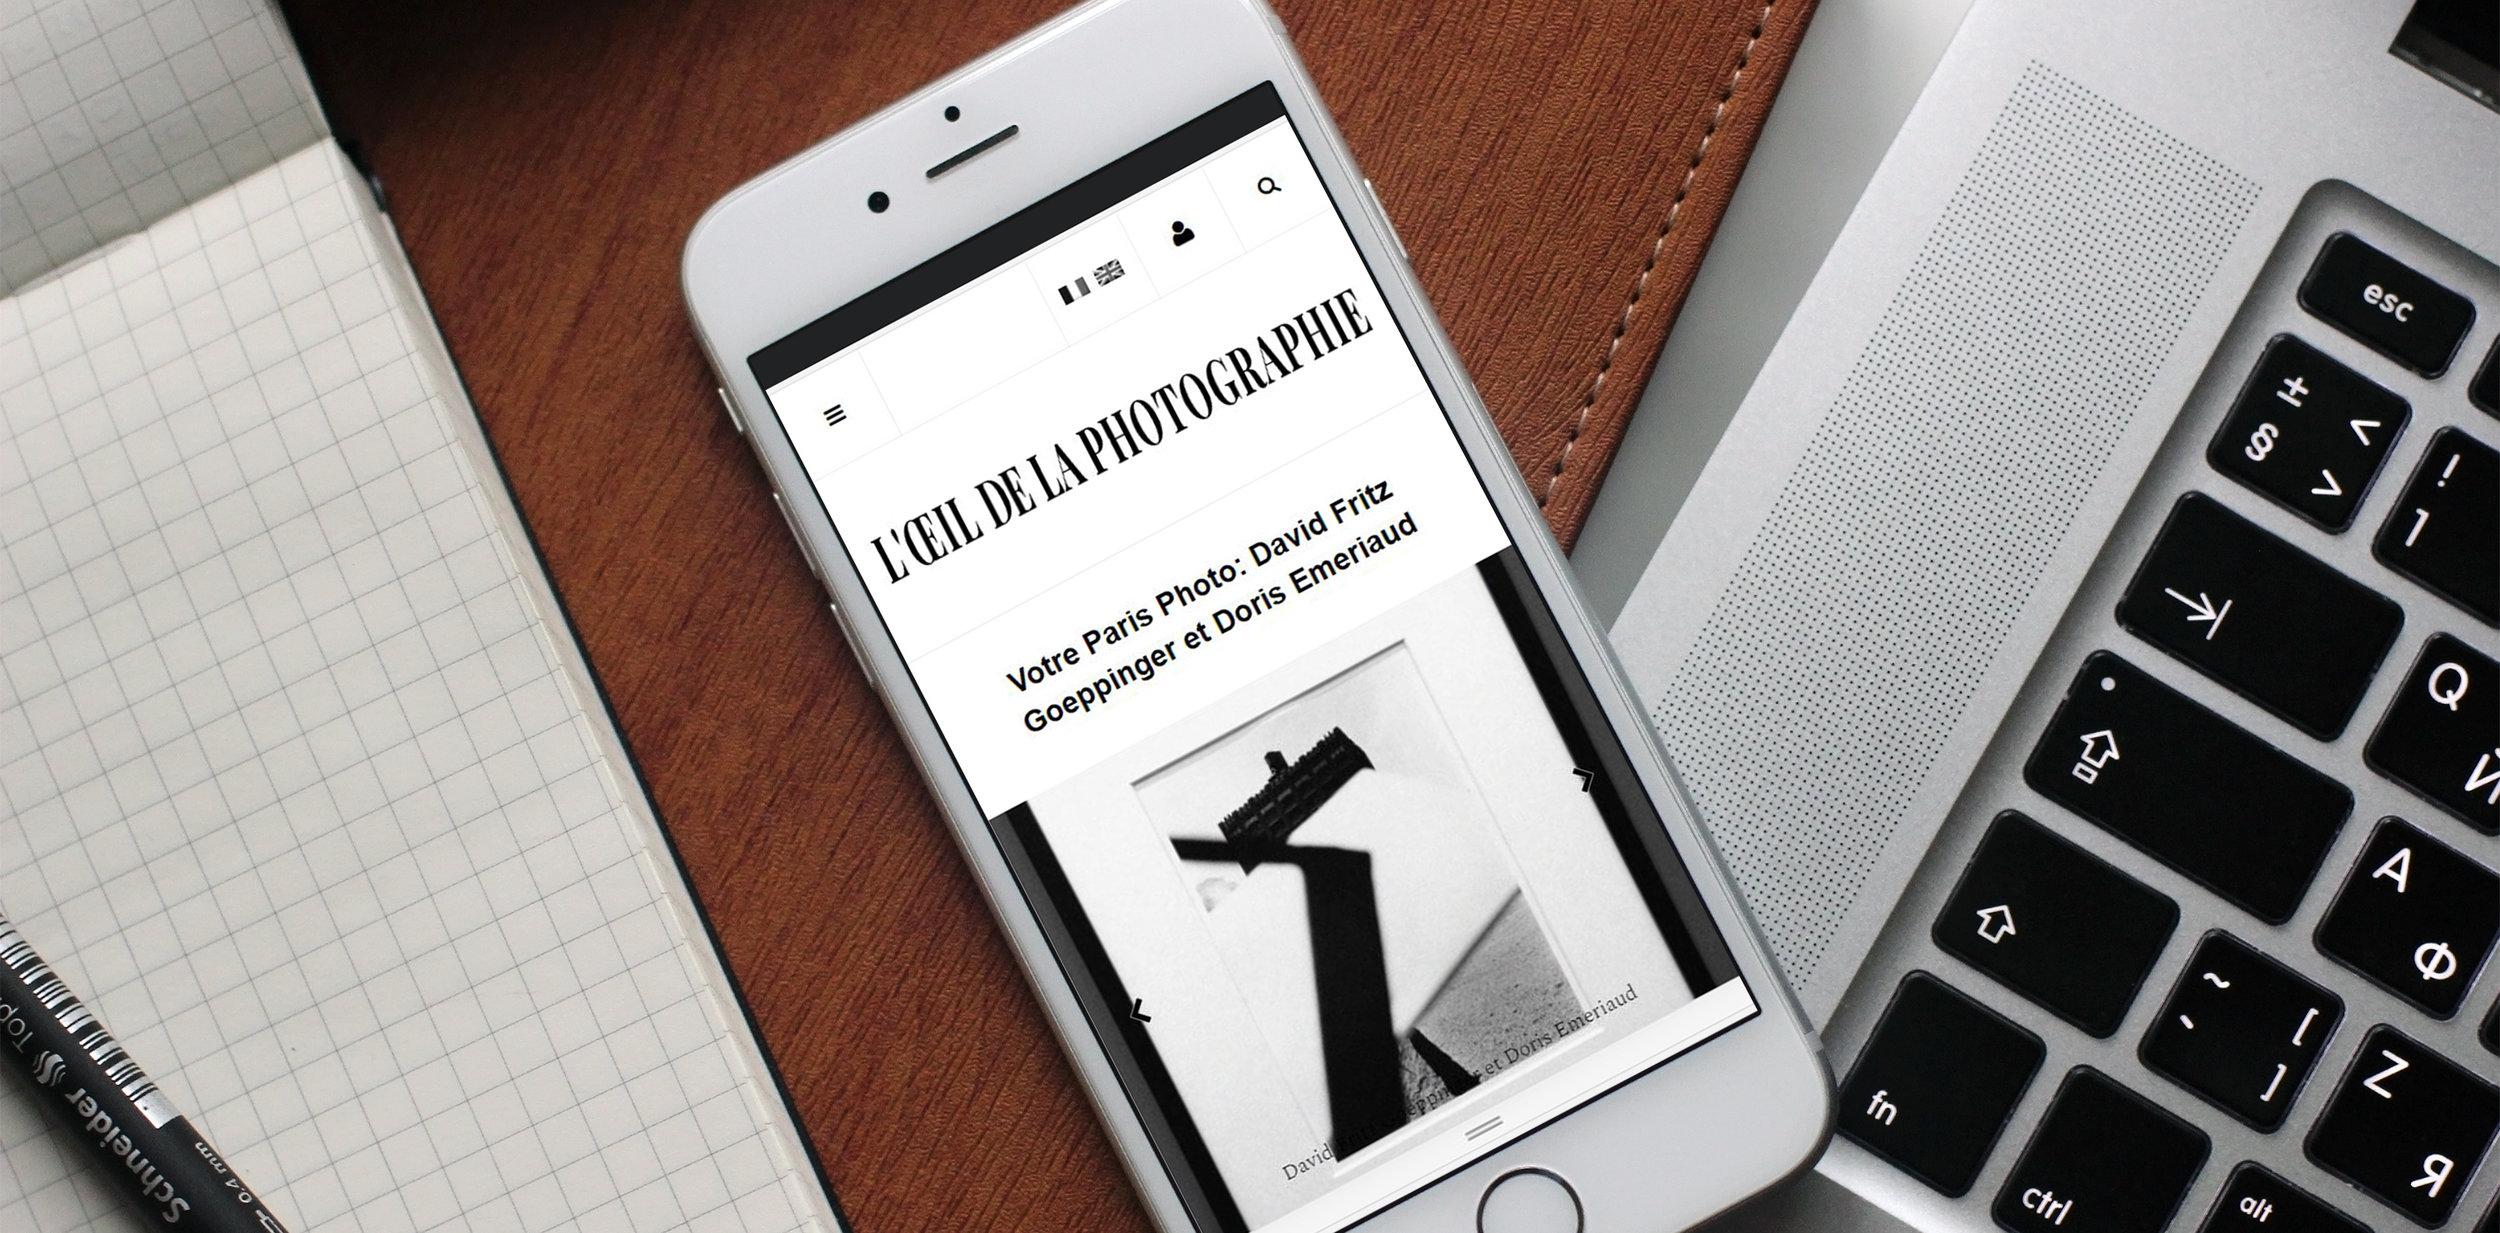 Le week-end dernier se tenait le salon Paris Photo. Par chance, nous avons pu faire une petite sélection de nos coups de cœurs afin que l'influent site L'œil de La Photographie les diffuses.